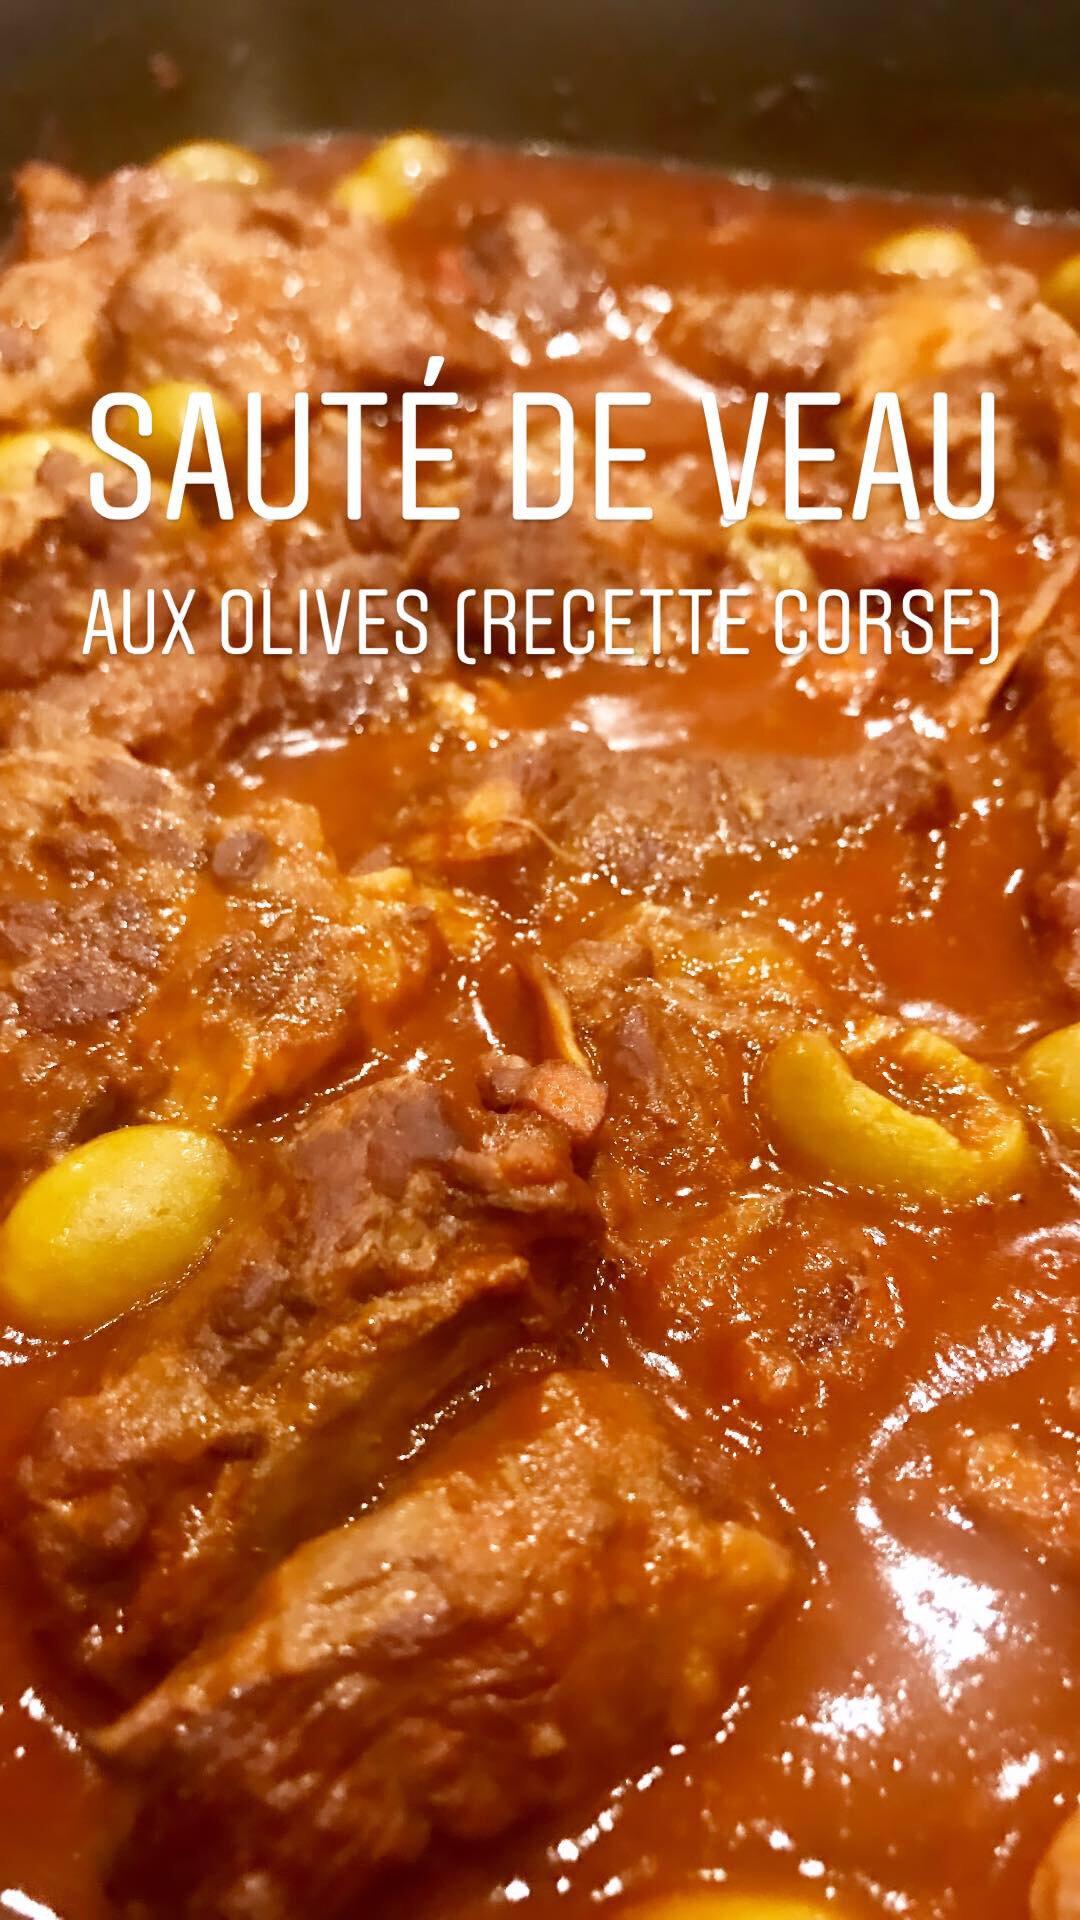 Veau Aux Olives Corse : olives, corse, Sauté, Olives, Mamie, Corse, Casseroles,, Miam-Miam, Compagnie